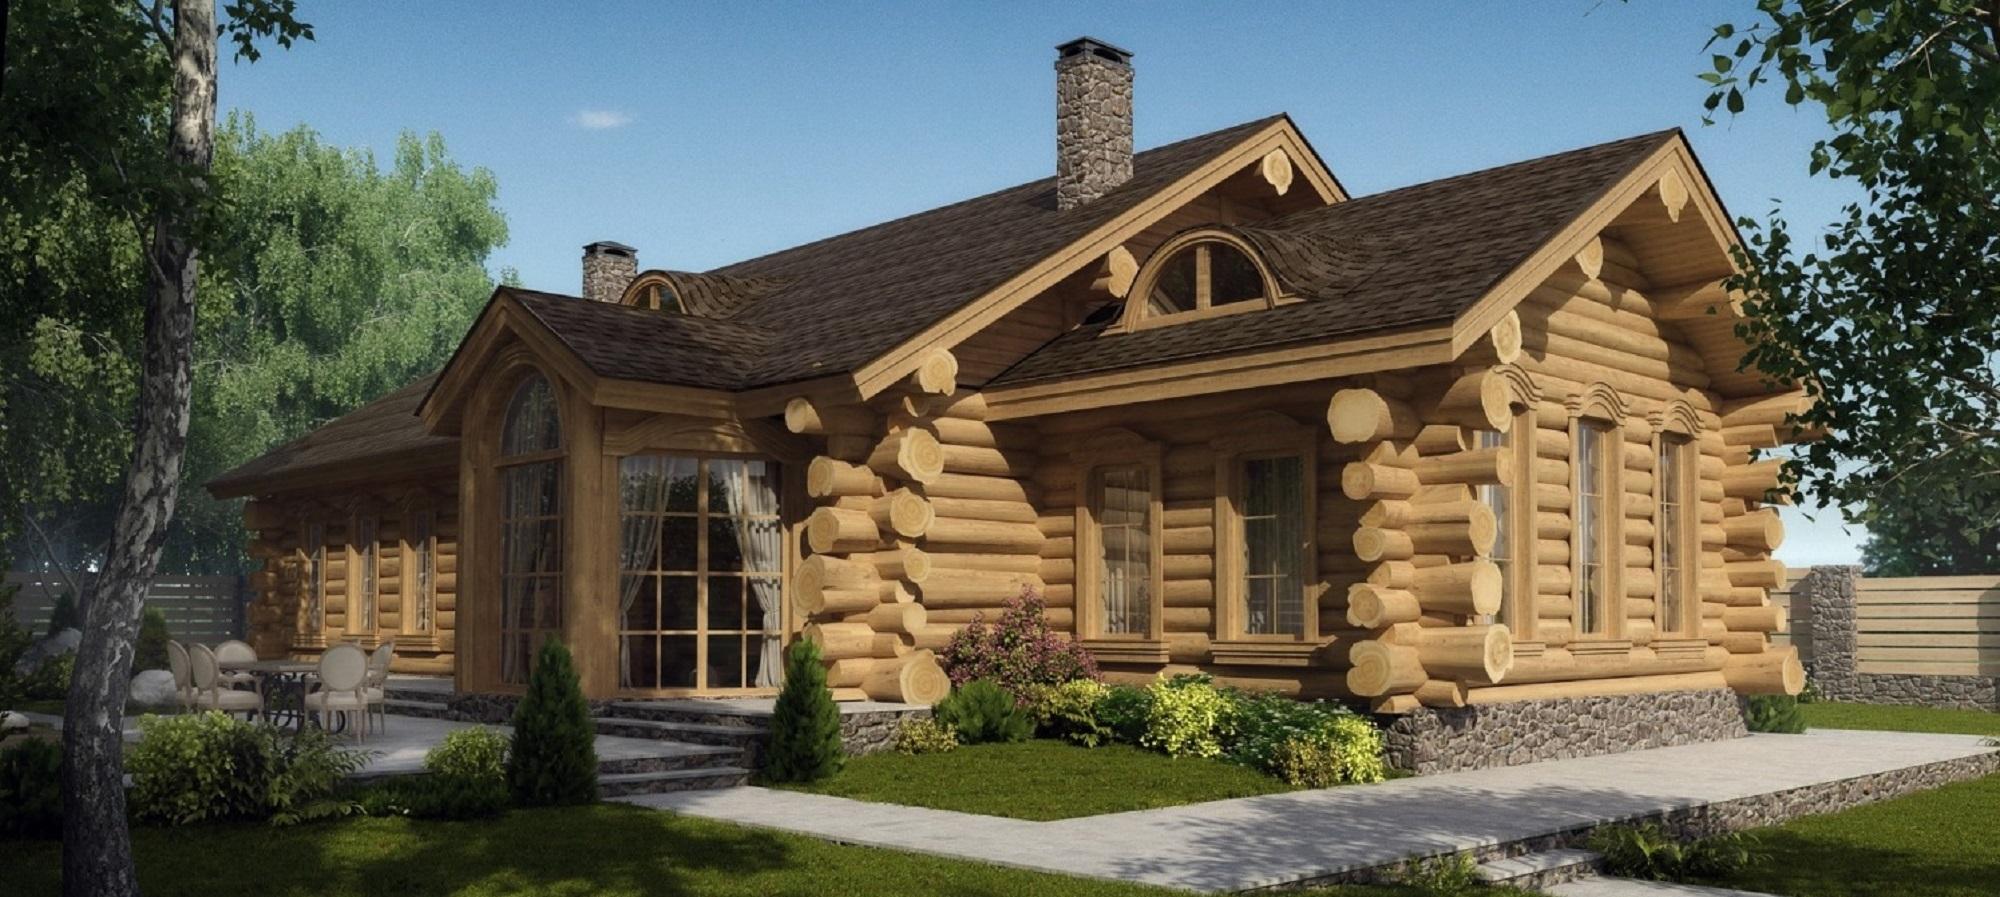 хороший признак модели домов из бревна фото деньги